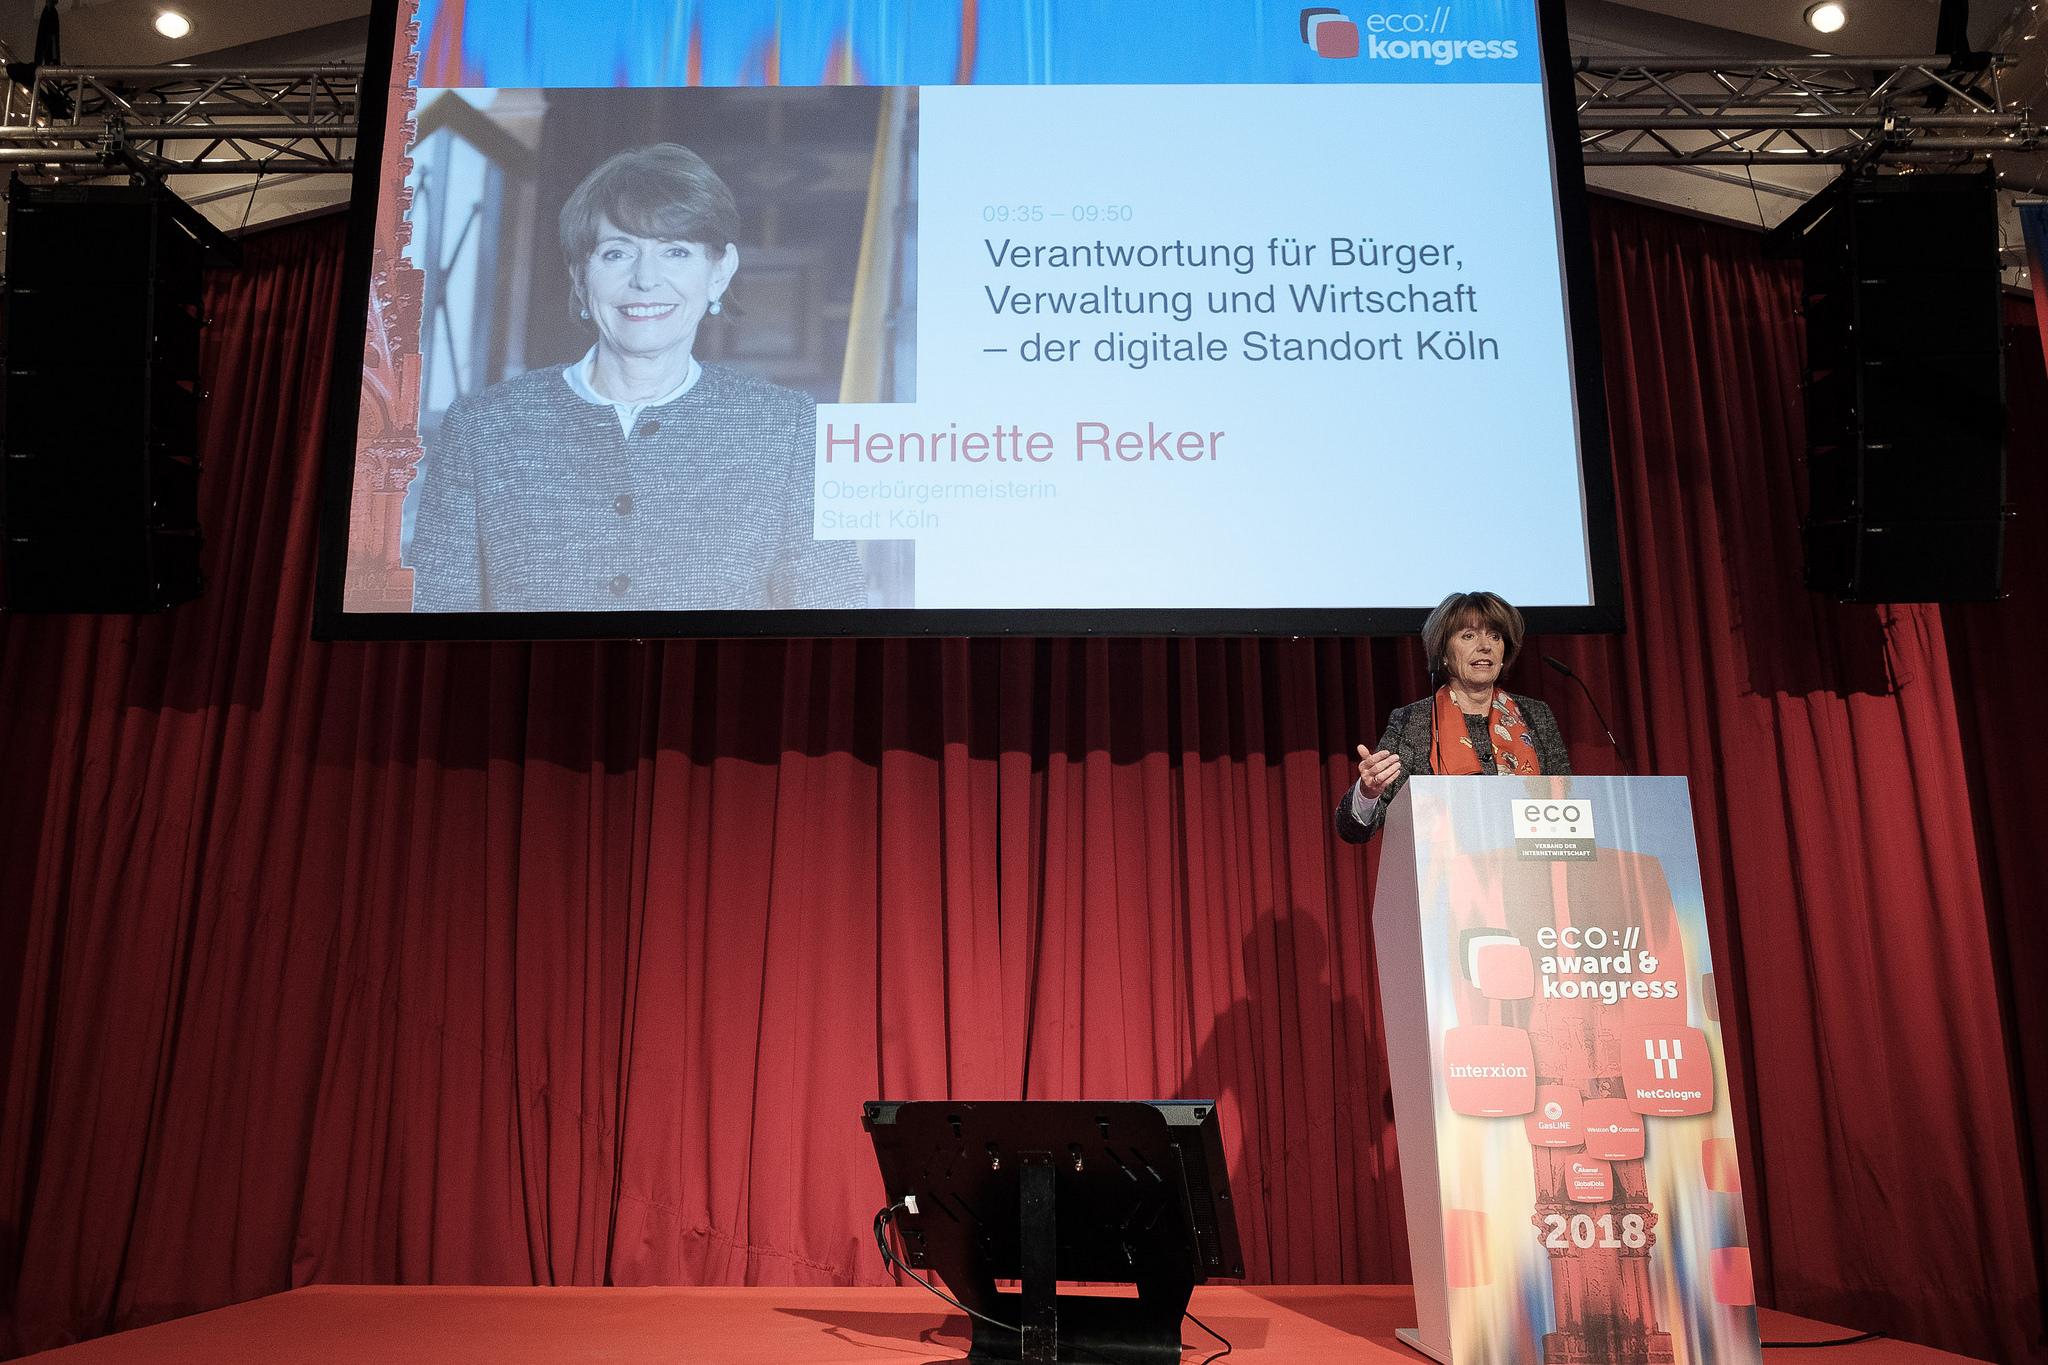 eco://kongress & eco:awards: Gemeinsam die digitale Zukunft gestalten 2